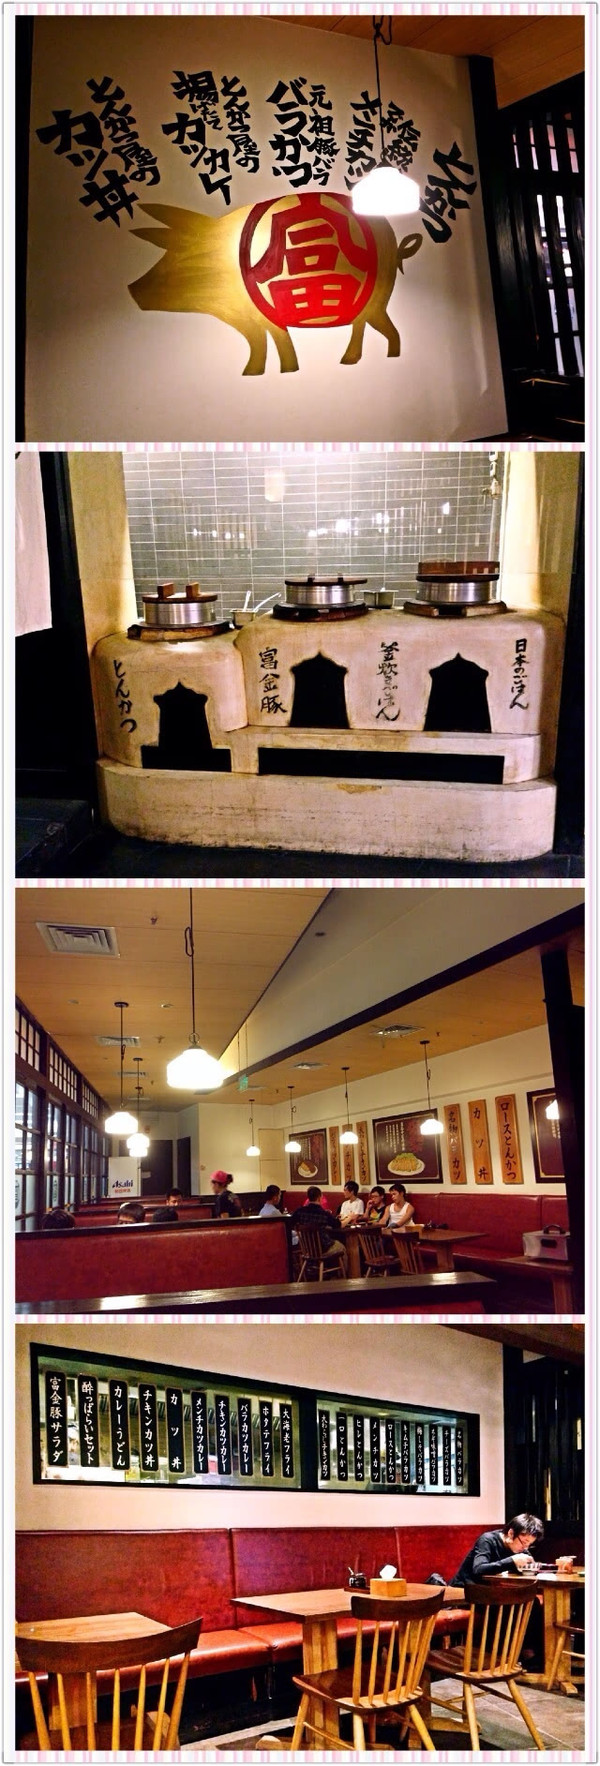 日本人 三个 餐饮 富金 套餐 吃货 一样 ——/跟熊先生两个人点了相扑套餐和清酒(忘记叫什么了…),套餐里...